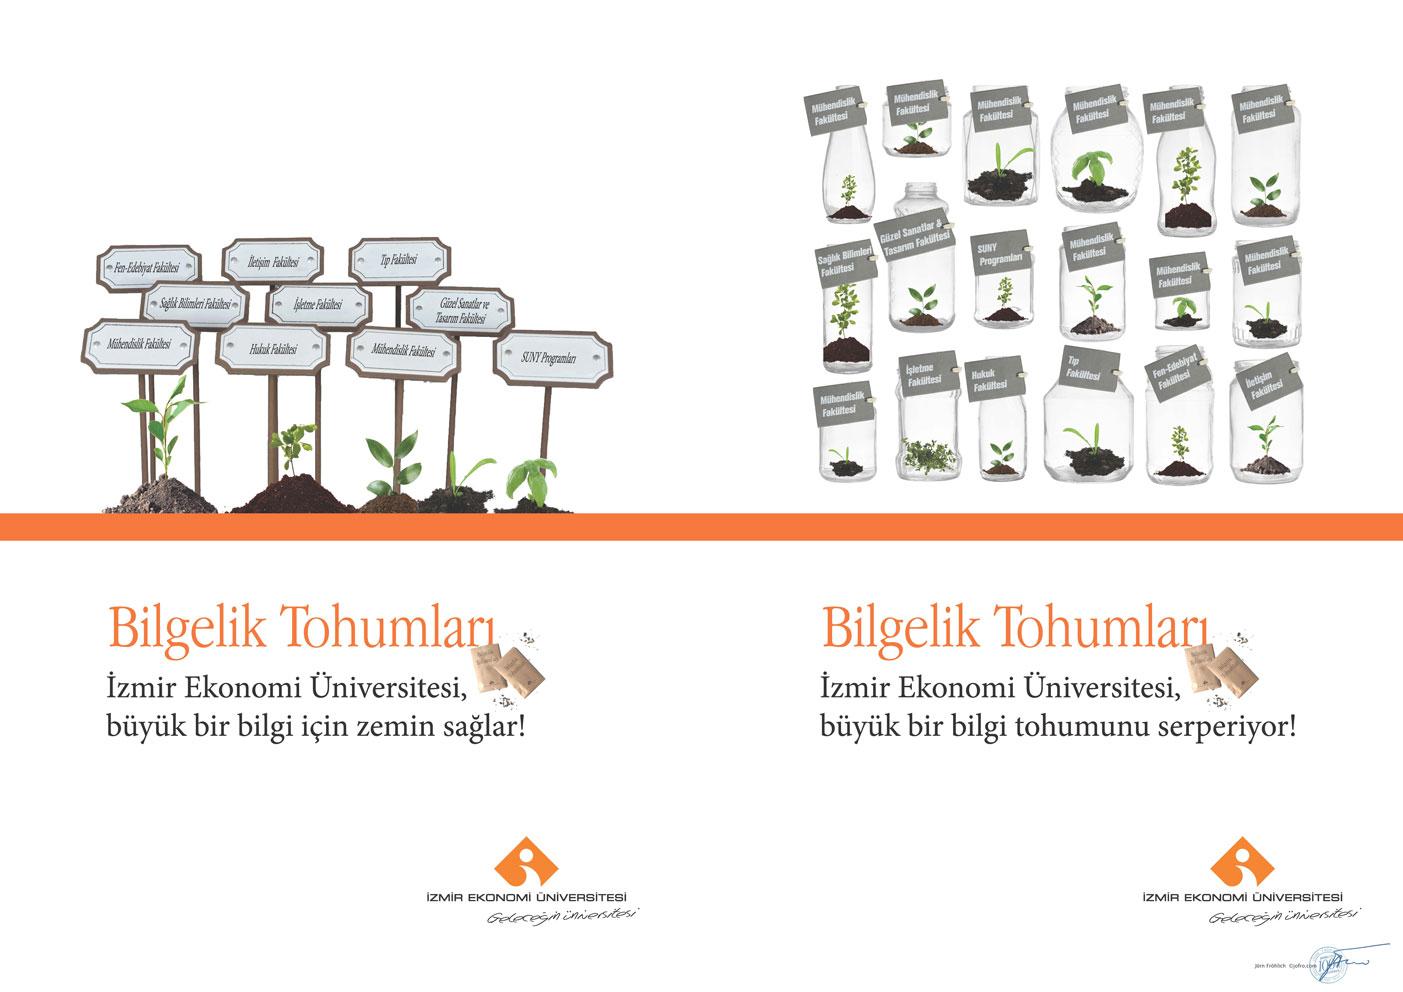 Bilgelik_Tohumları_Kampanya_Tasarımı_Seite_1_web